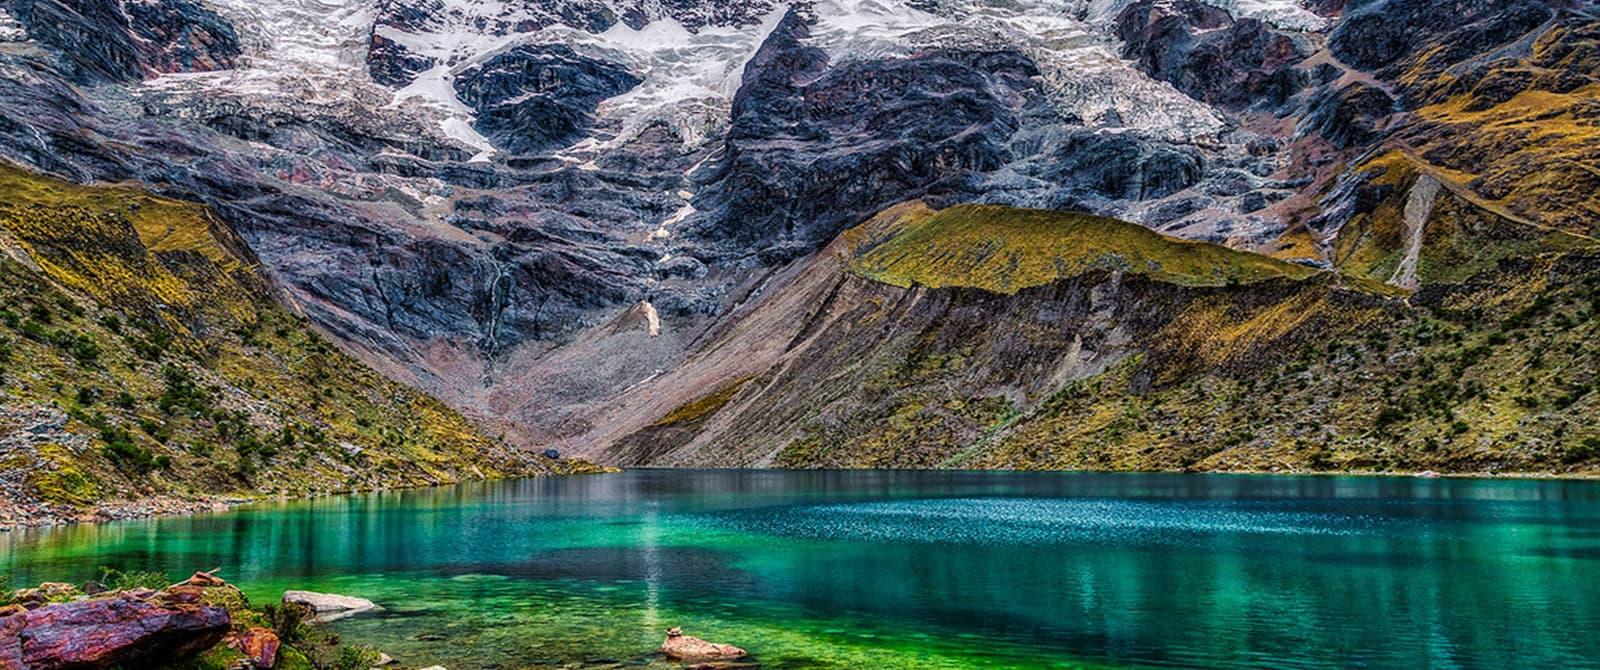 beautifull view of humantay lake